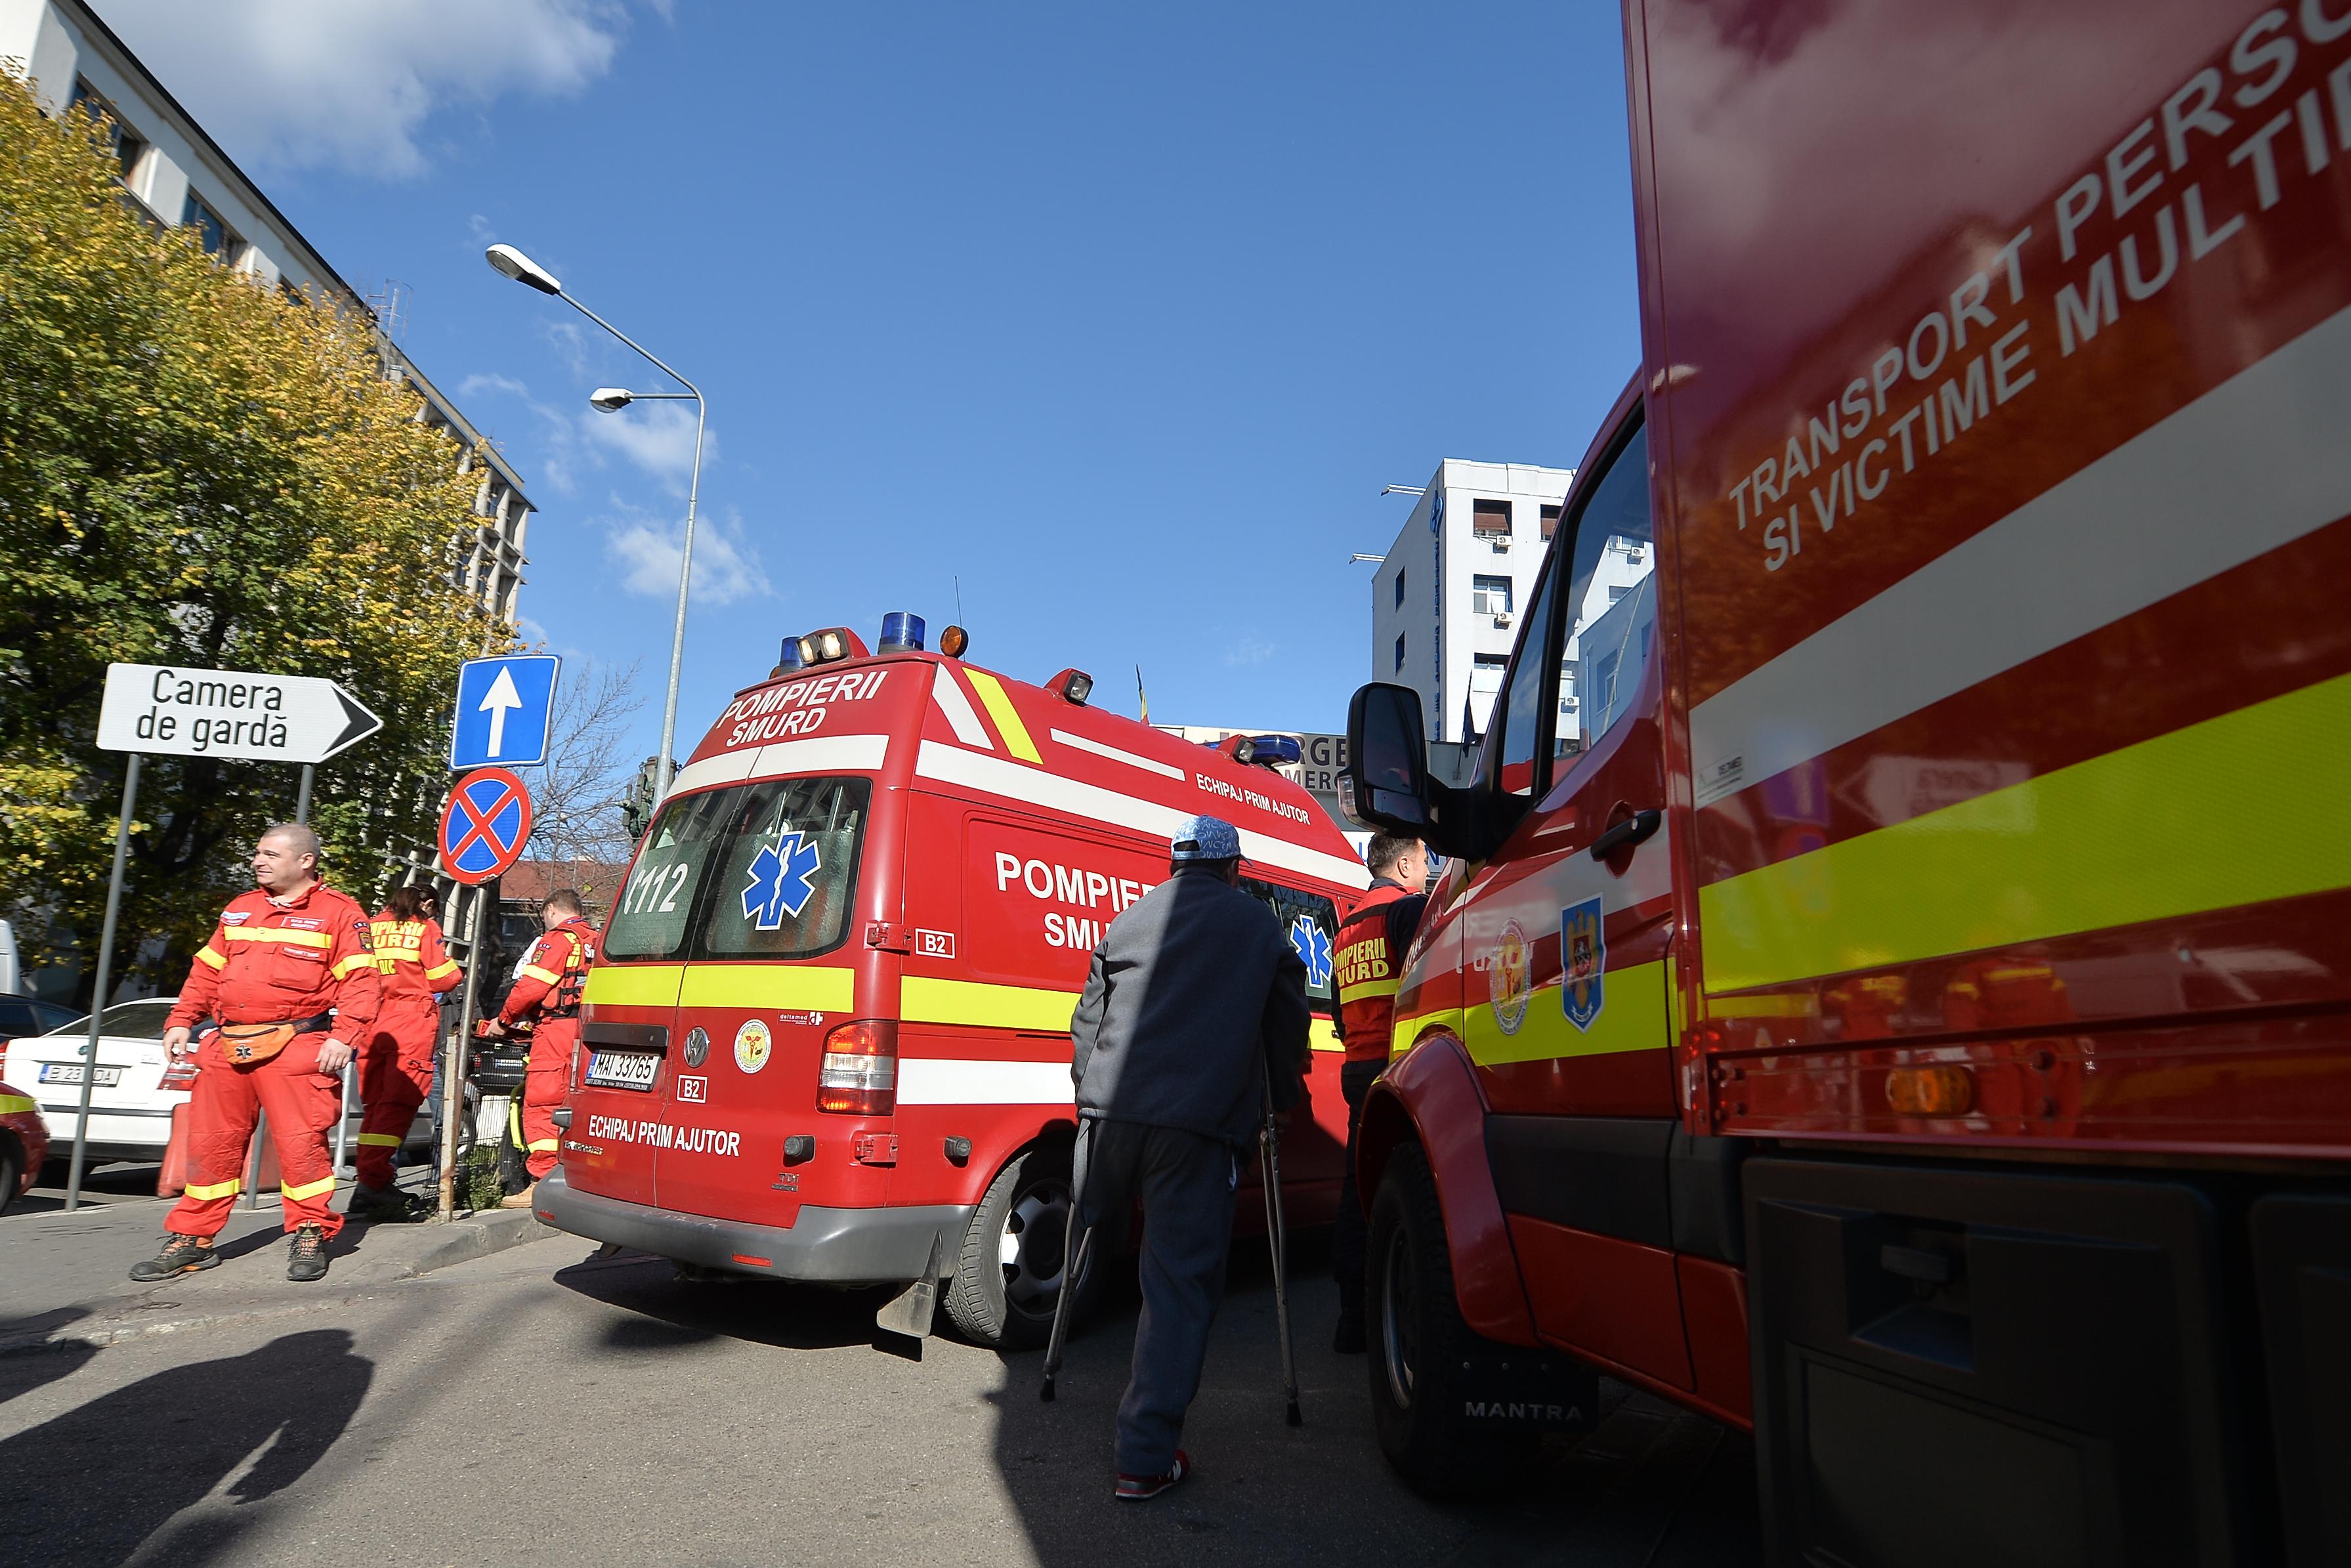 Două persoane au fost rănite, după ce o ambulanţă aflată în misiune a fost lovită de o maşină condusă de un şofer beat